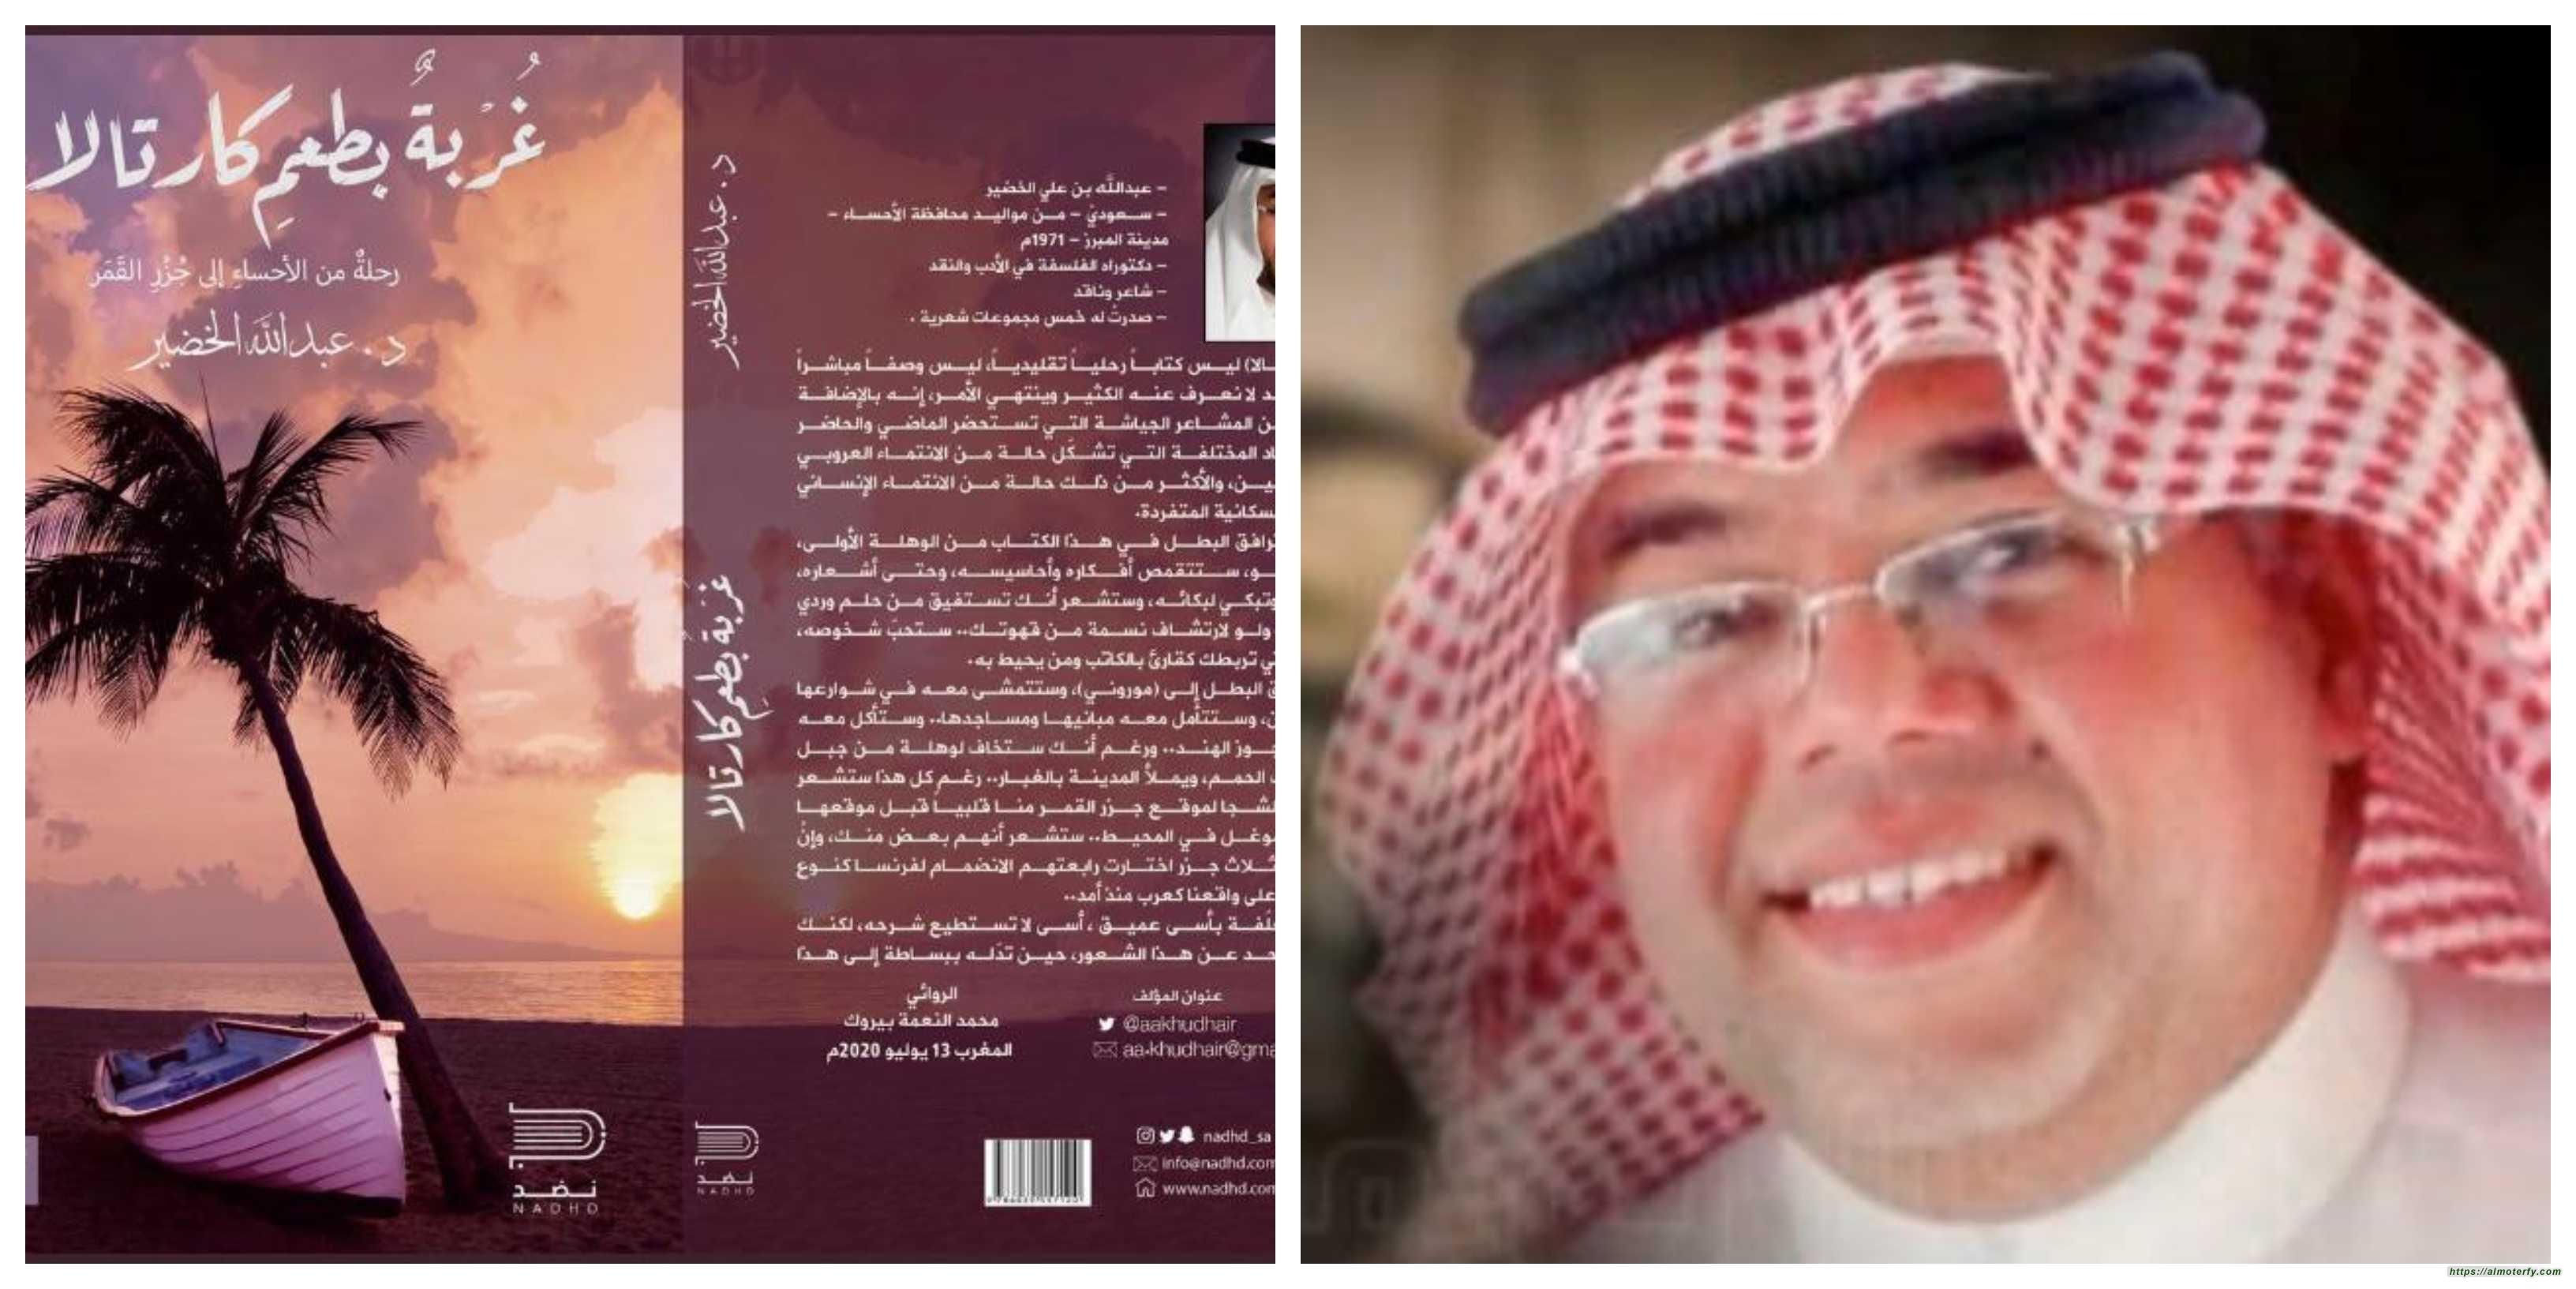 غُربة بطعمِ كارتالا رحلة من الأحساء إلى جزر القَمَر للشاعر الدكتور عبدالله الخضير